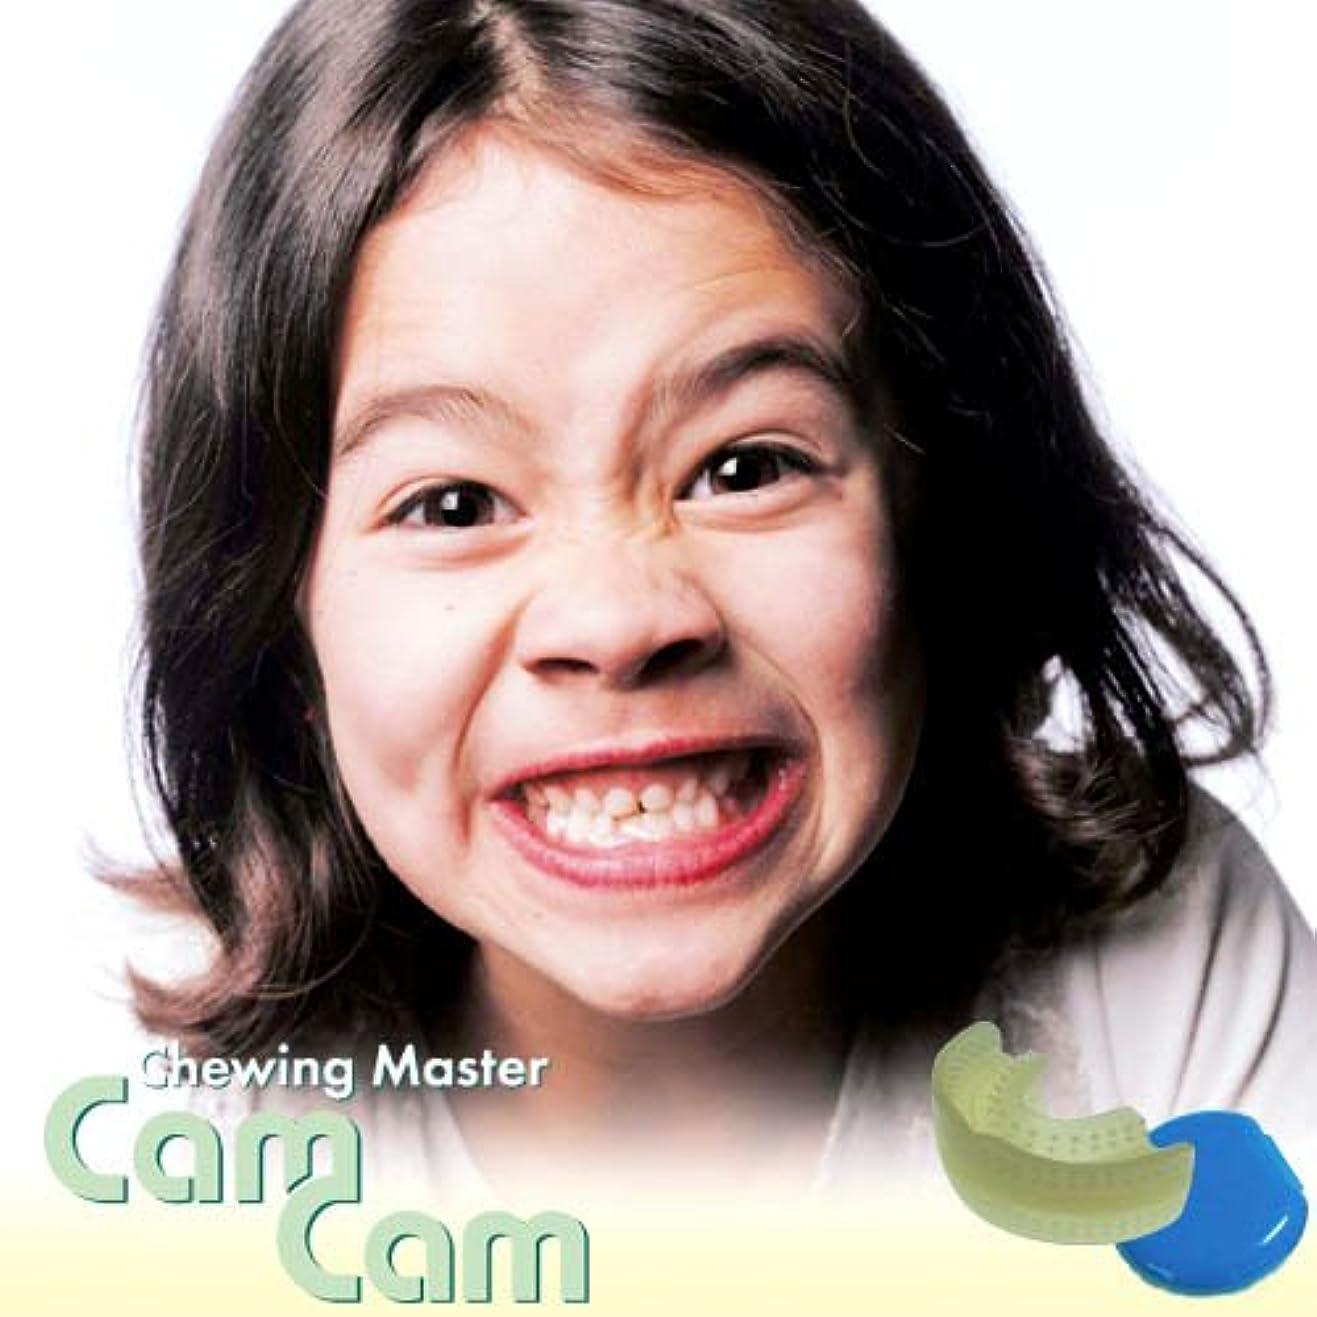 請負業者取り付けエリート歯科医師開発 口腔筋機能トレーニングマウスピース【CamCam ST】カムカム (ブルー) 乳歯列期から混合歯列期用